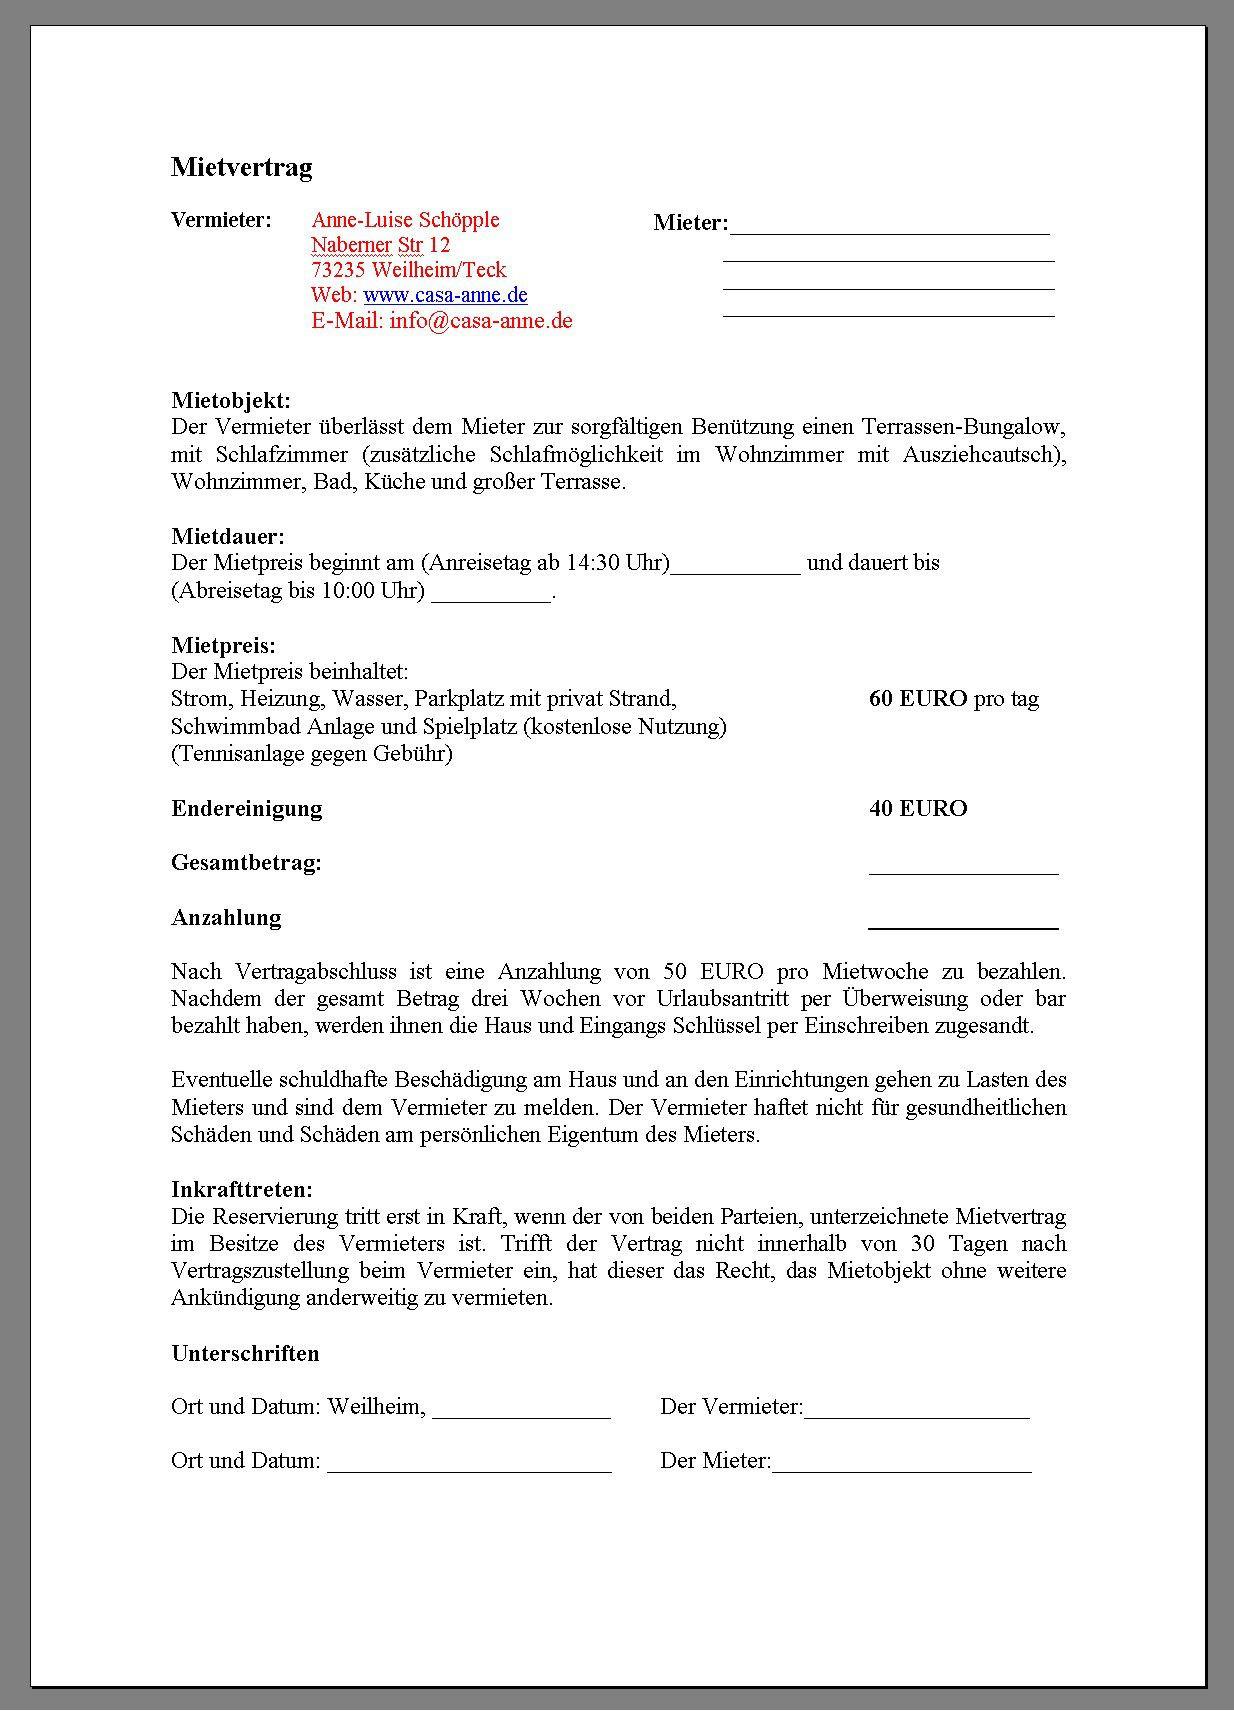 Muster Kündigung Wohnung  kündigung mietvertrag vorlage vermieter